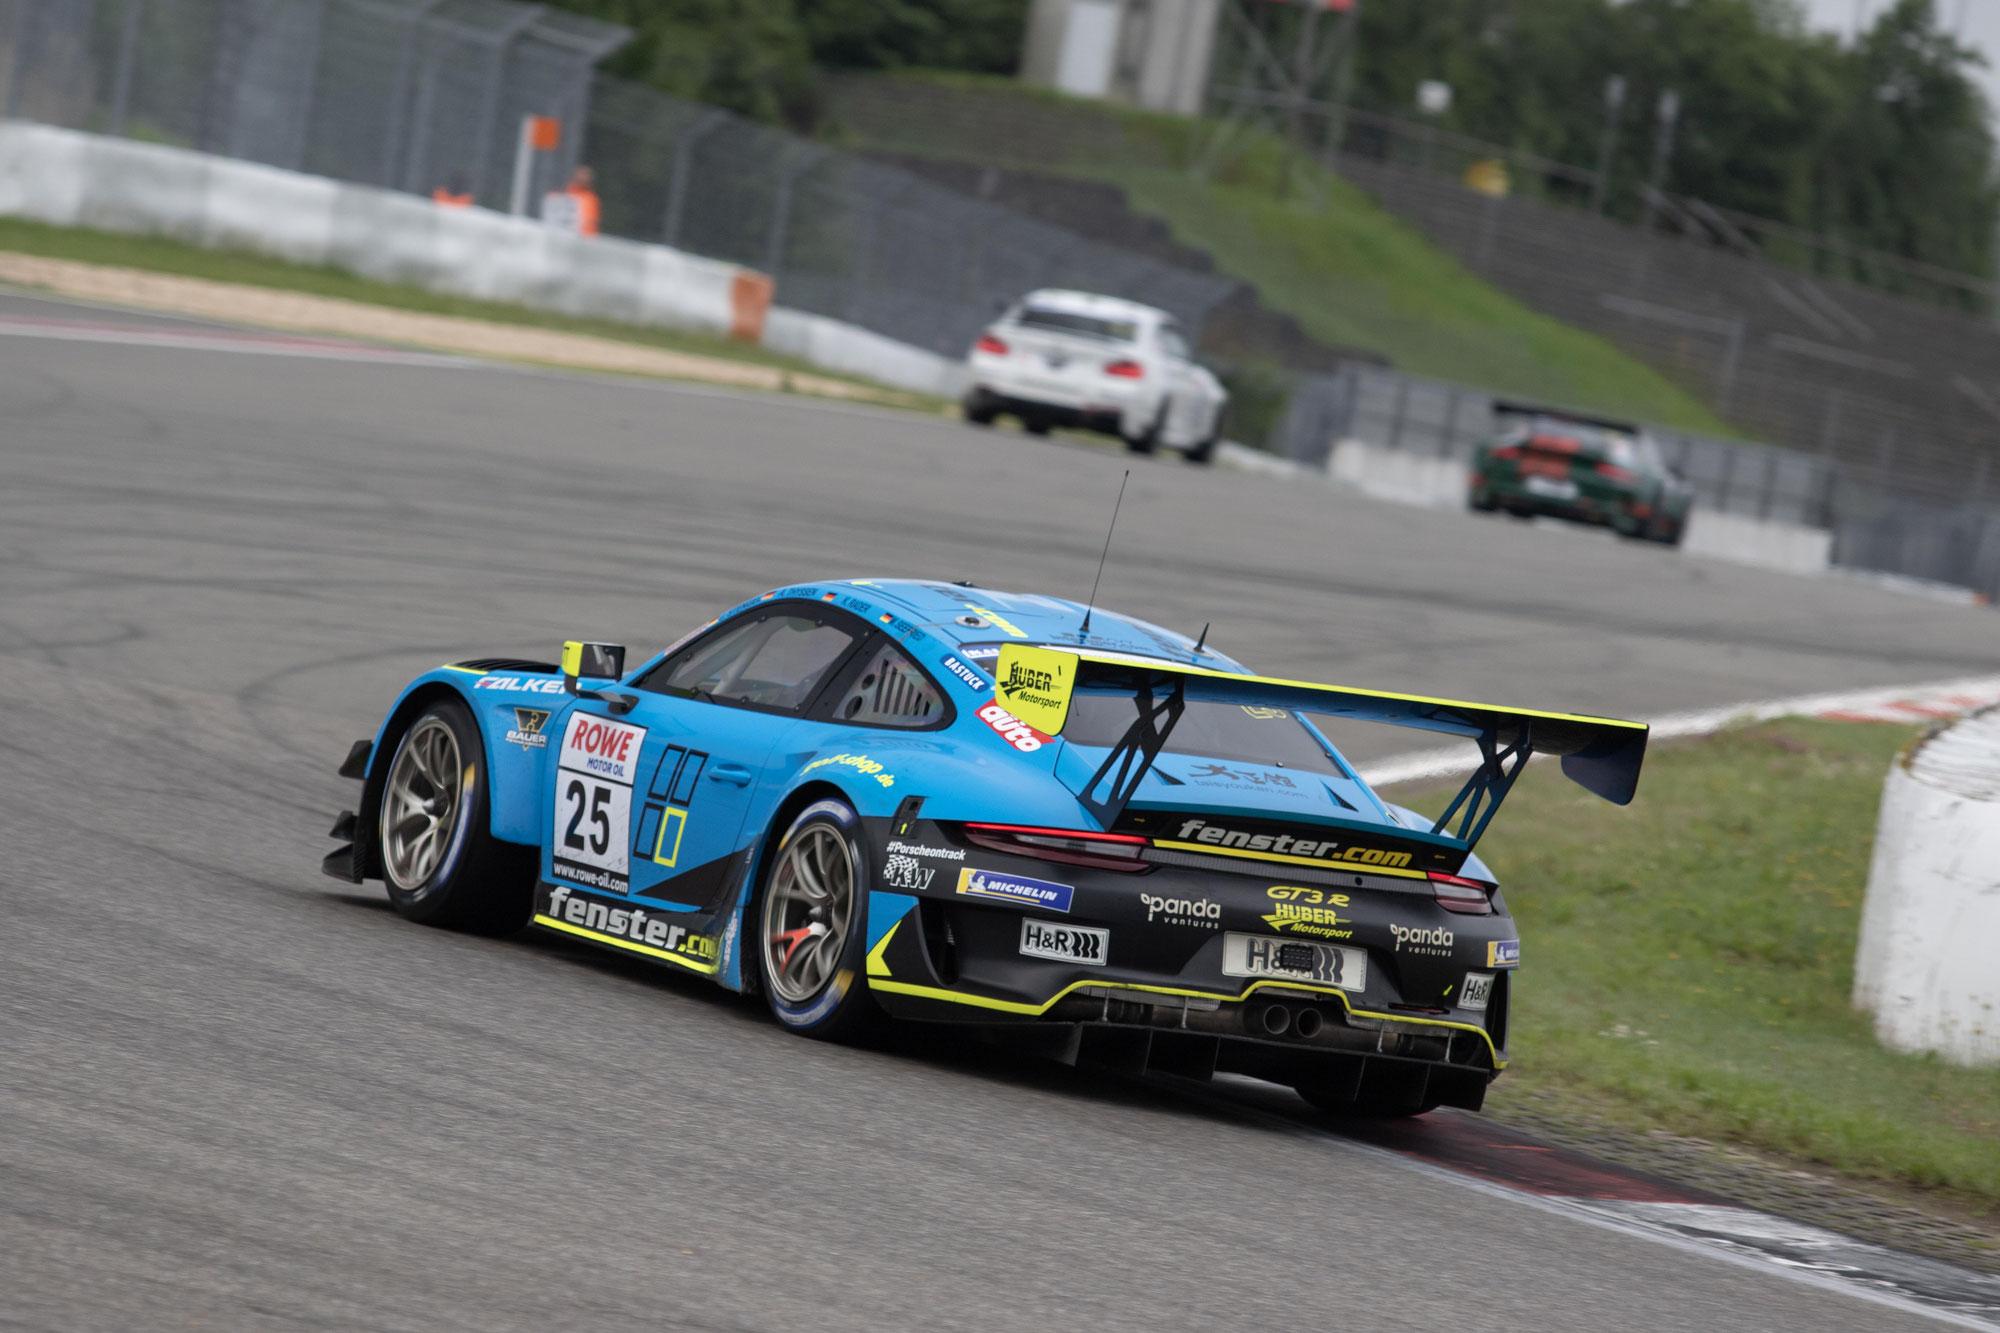 Erfolgreiches Wochenende für Huber Motorsport beim NLS Double Header